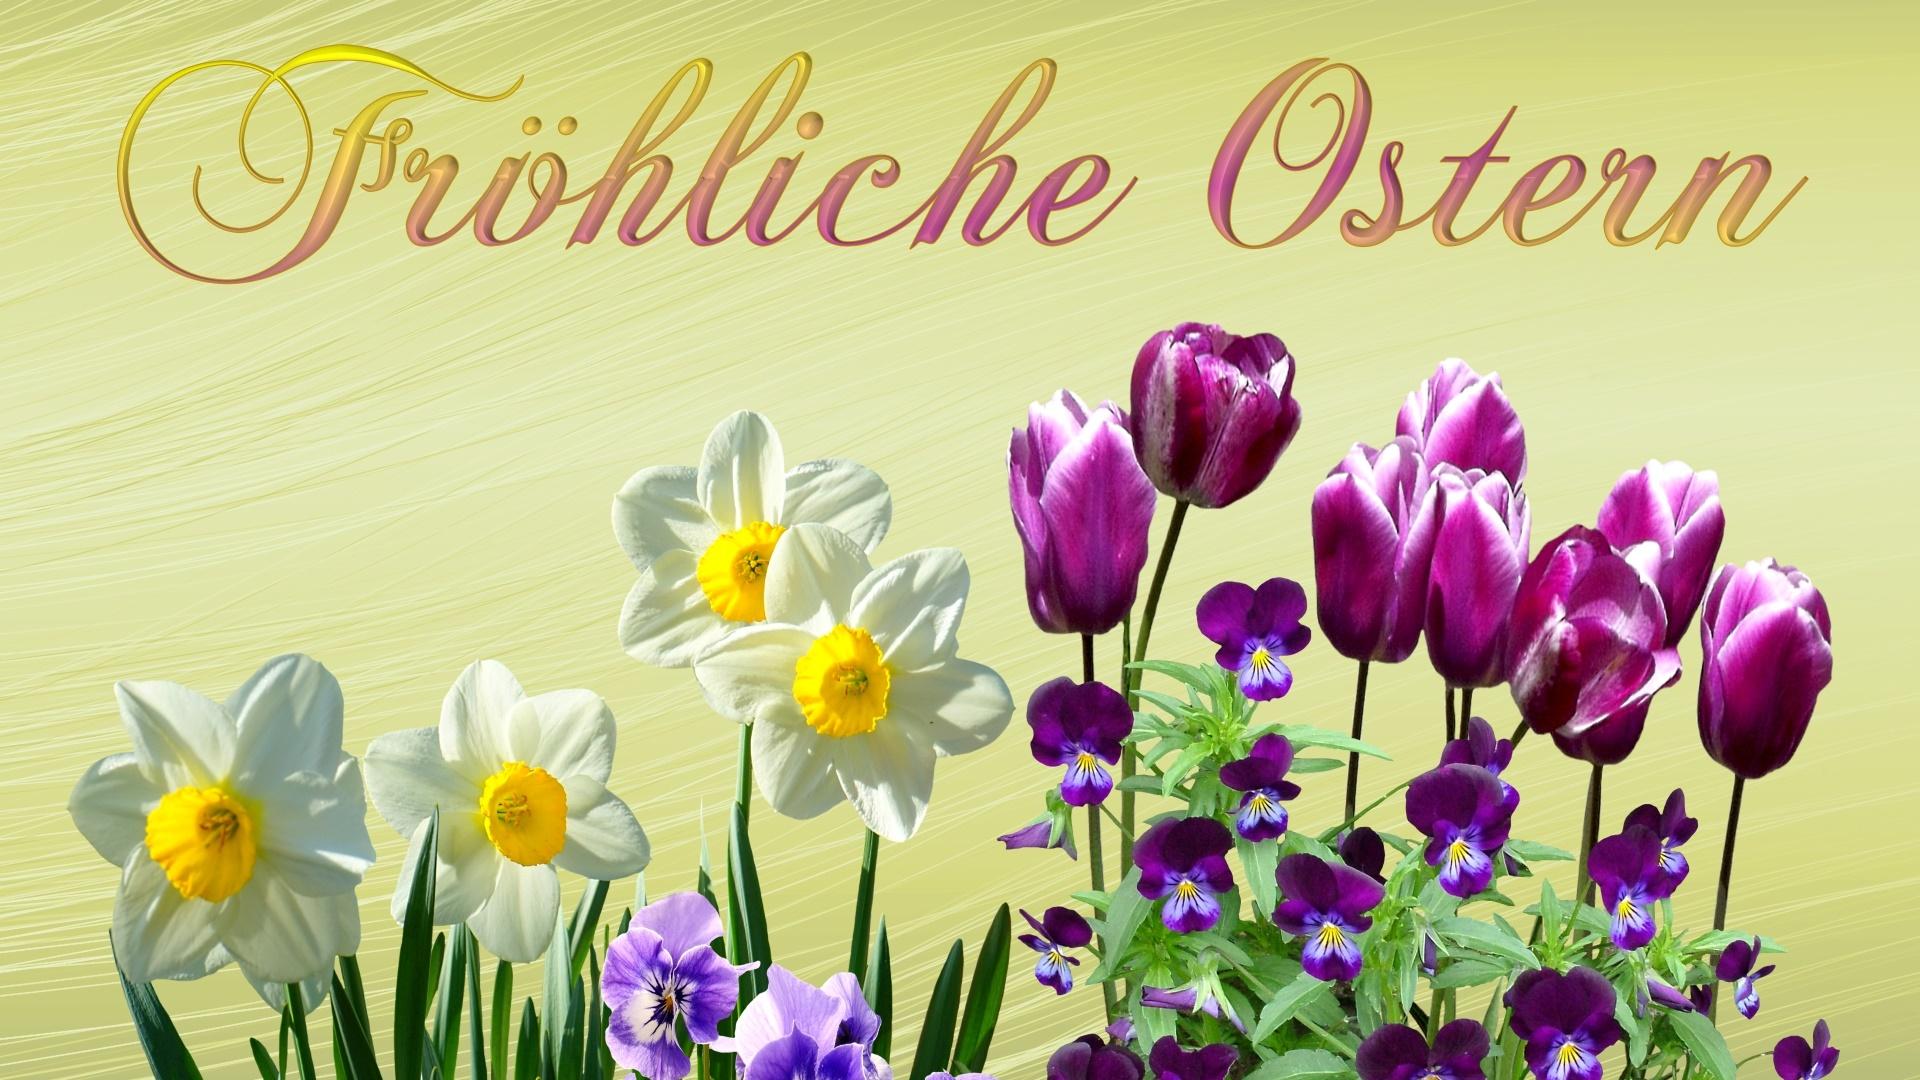 Ostern Bilder Kostenlos Download